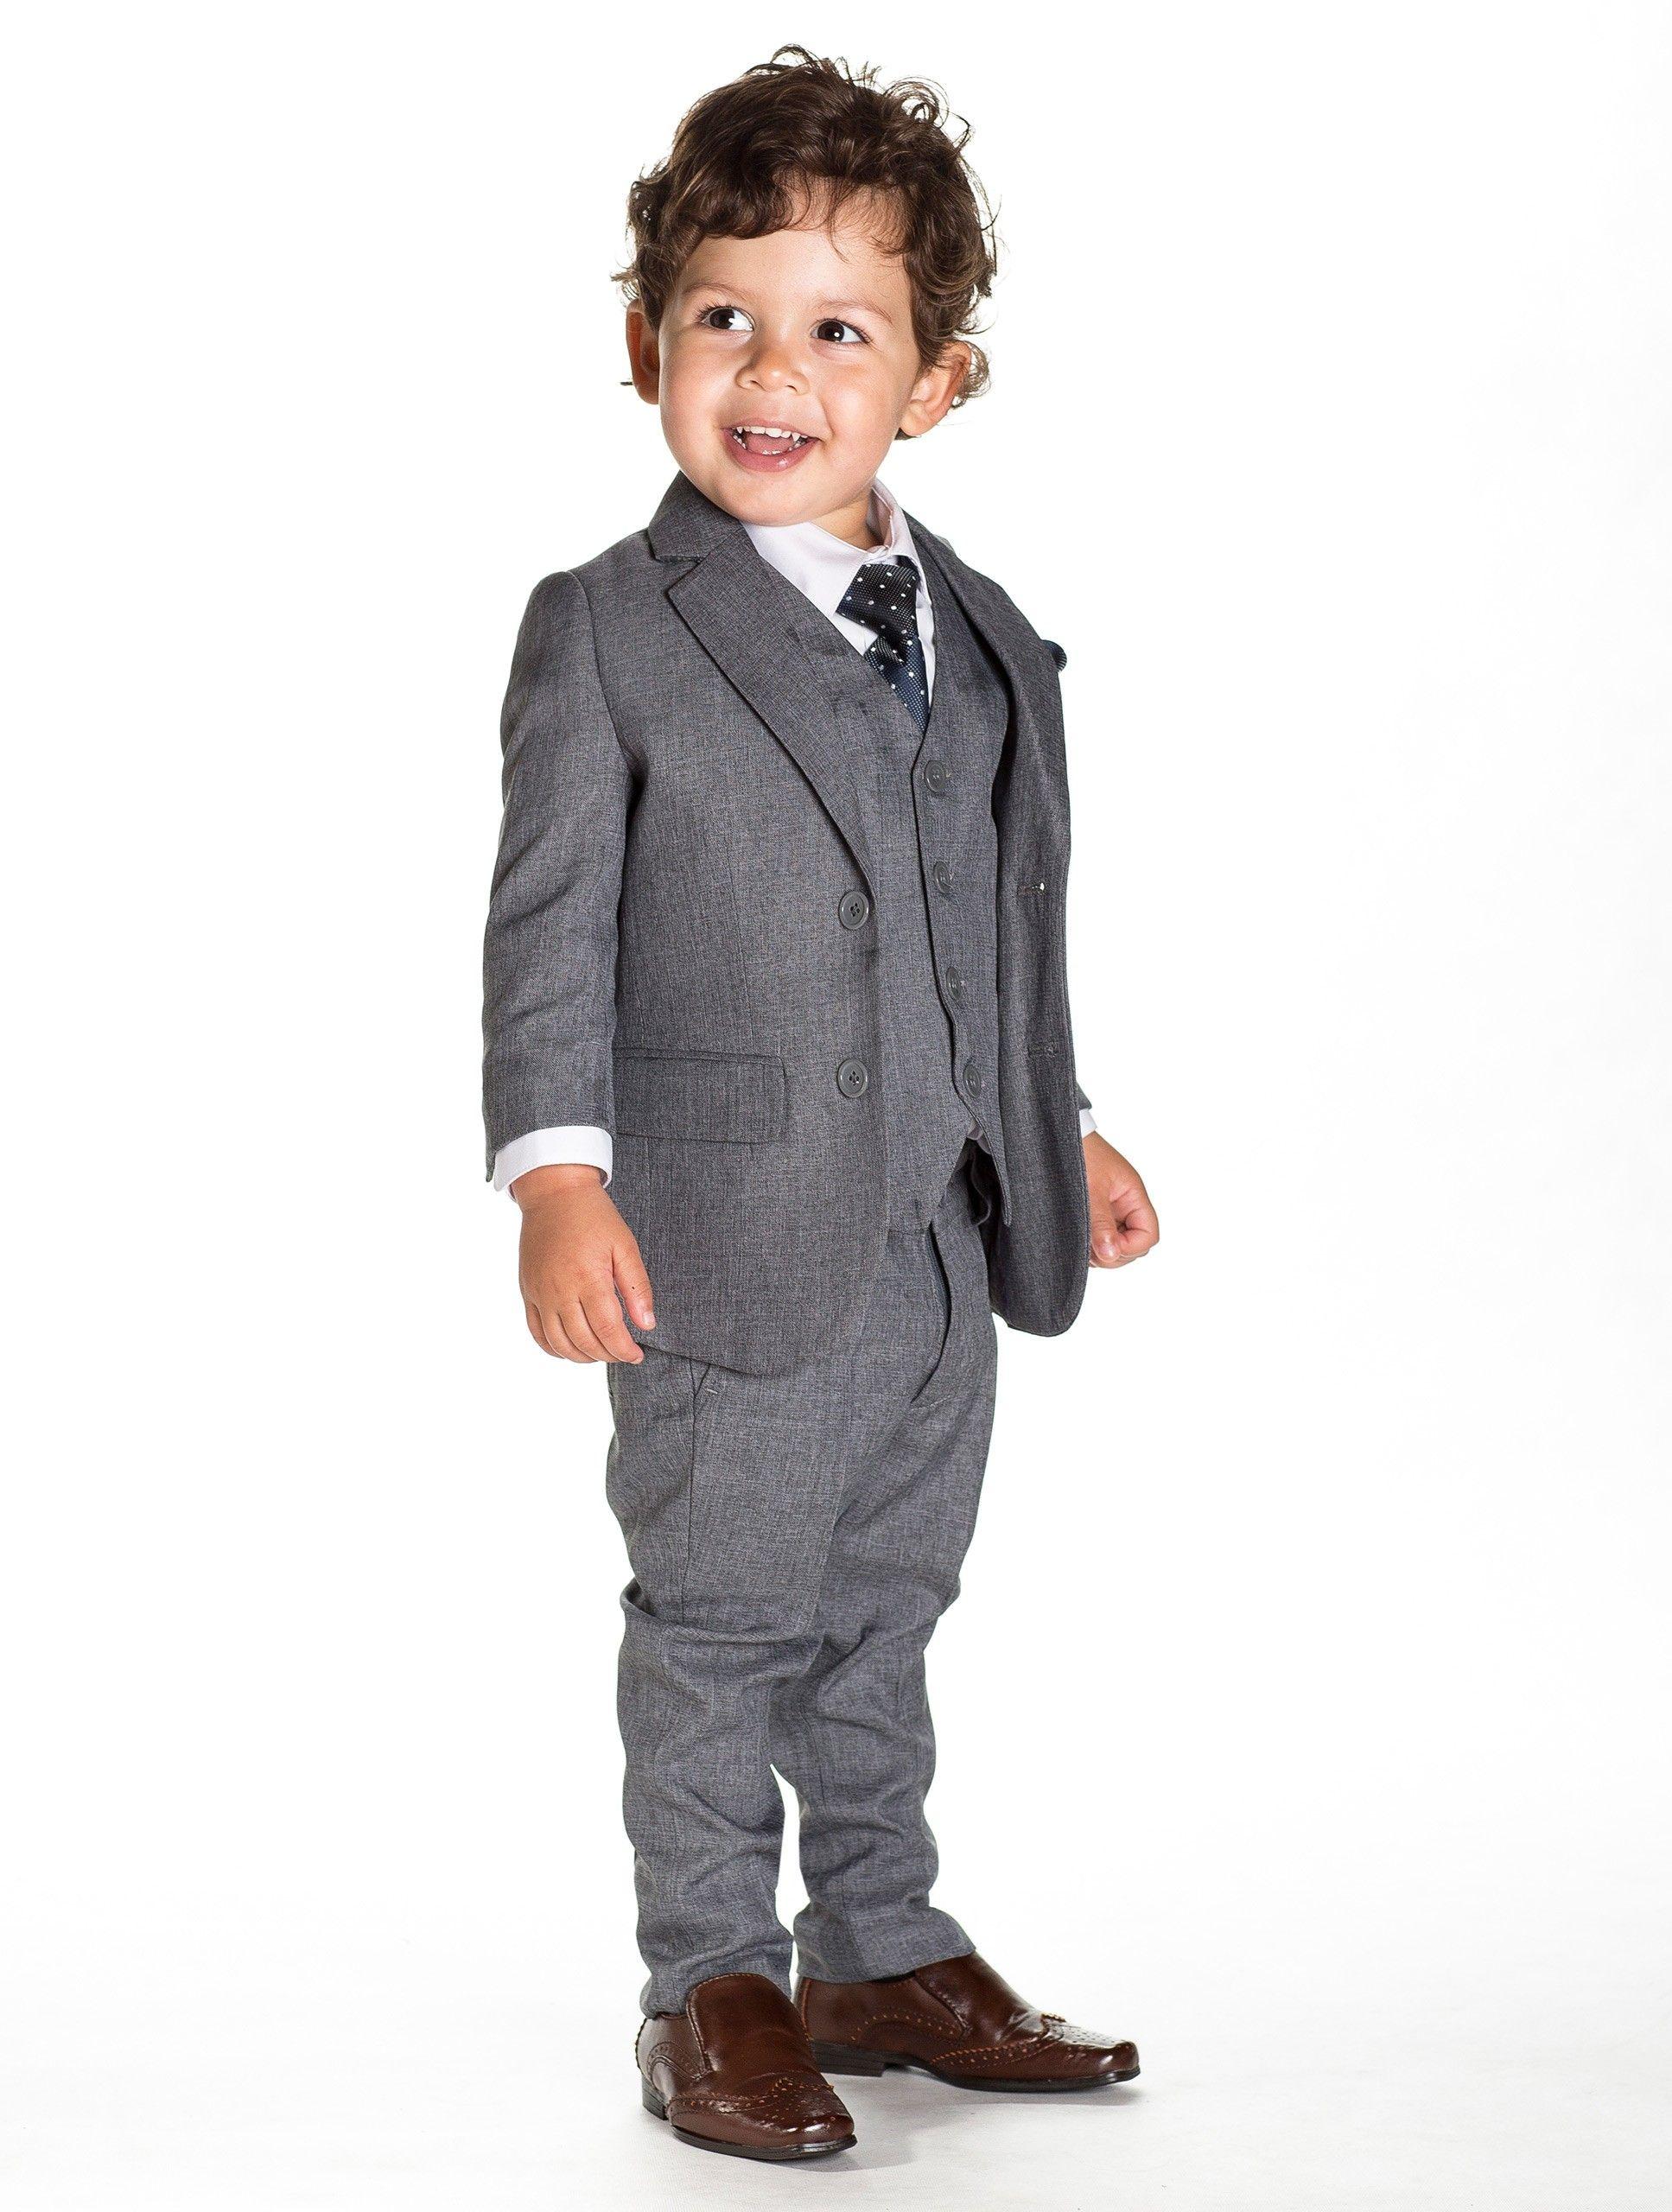 Baby boys grey suit - Philip | Boys wedding suits, Wedding suits ...